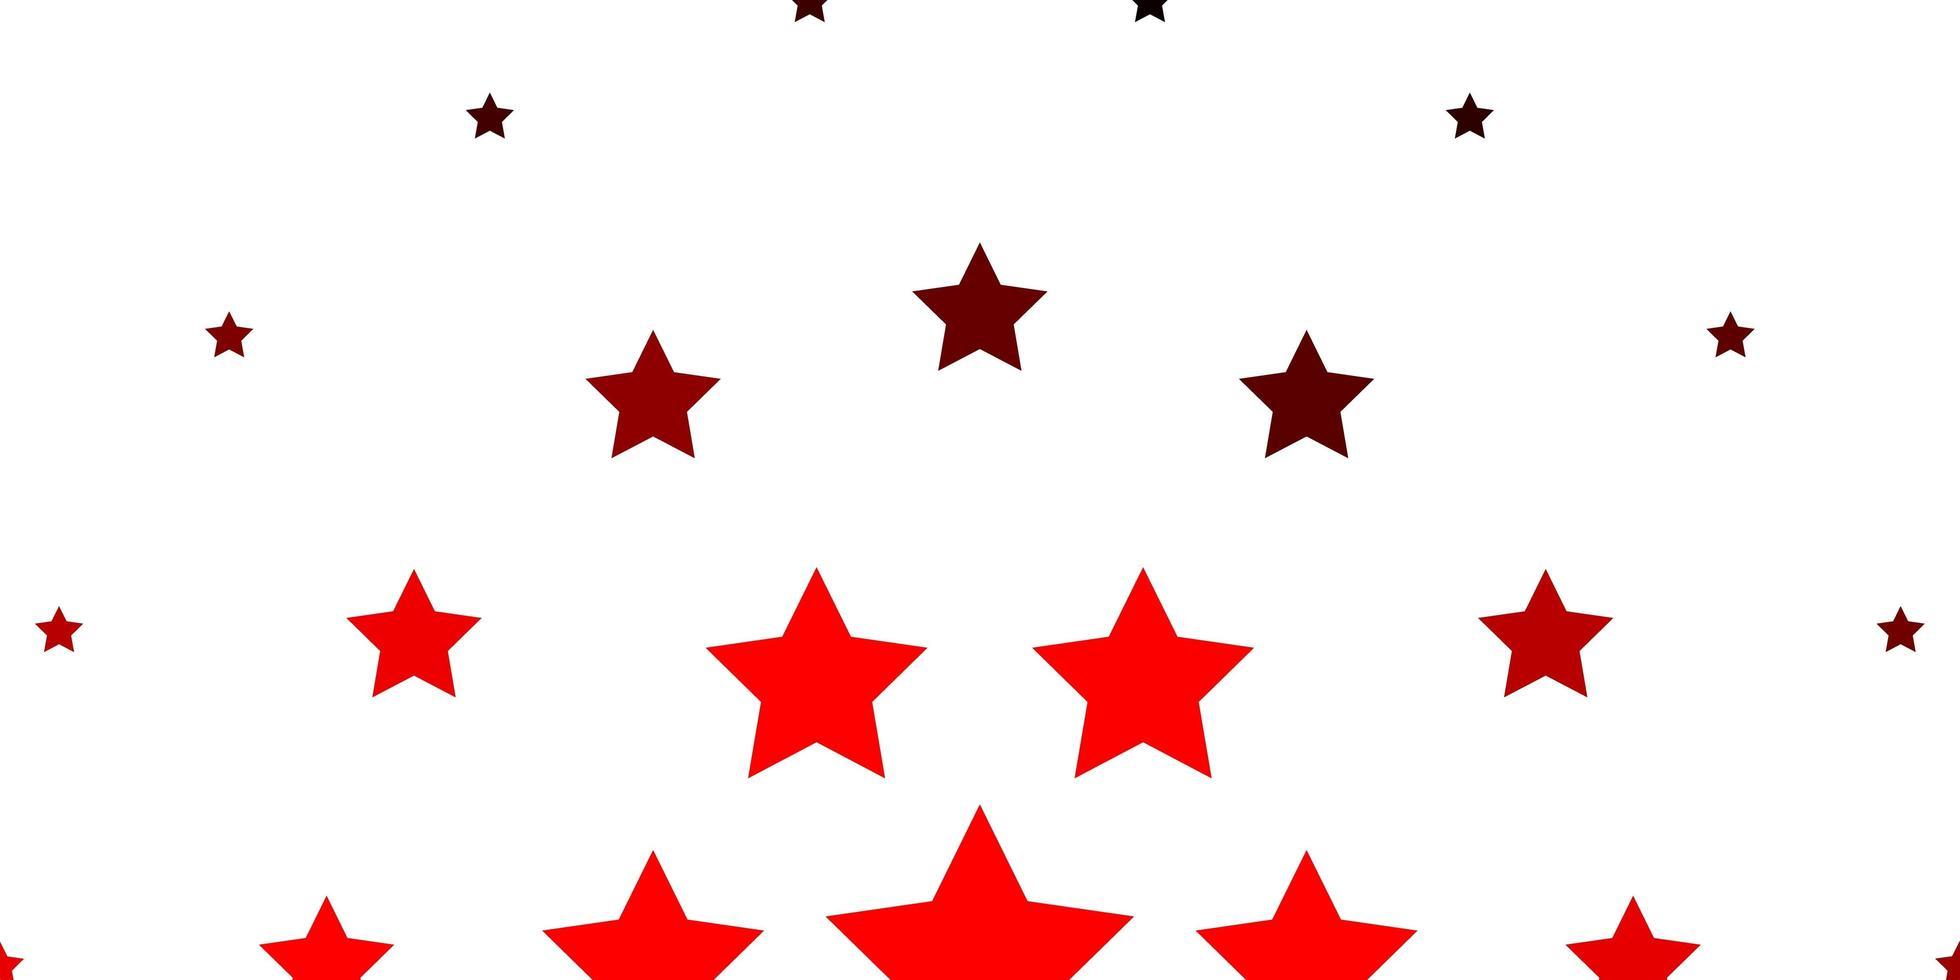 lichtrode vectorachtergrond met kleurrijke sterren. vector